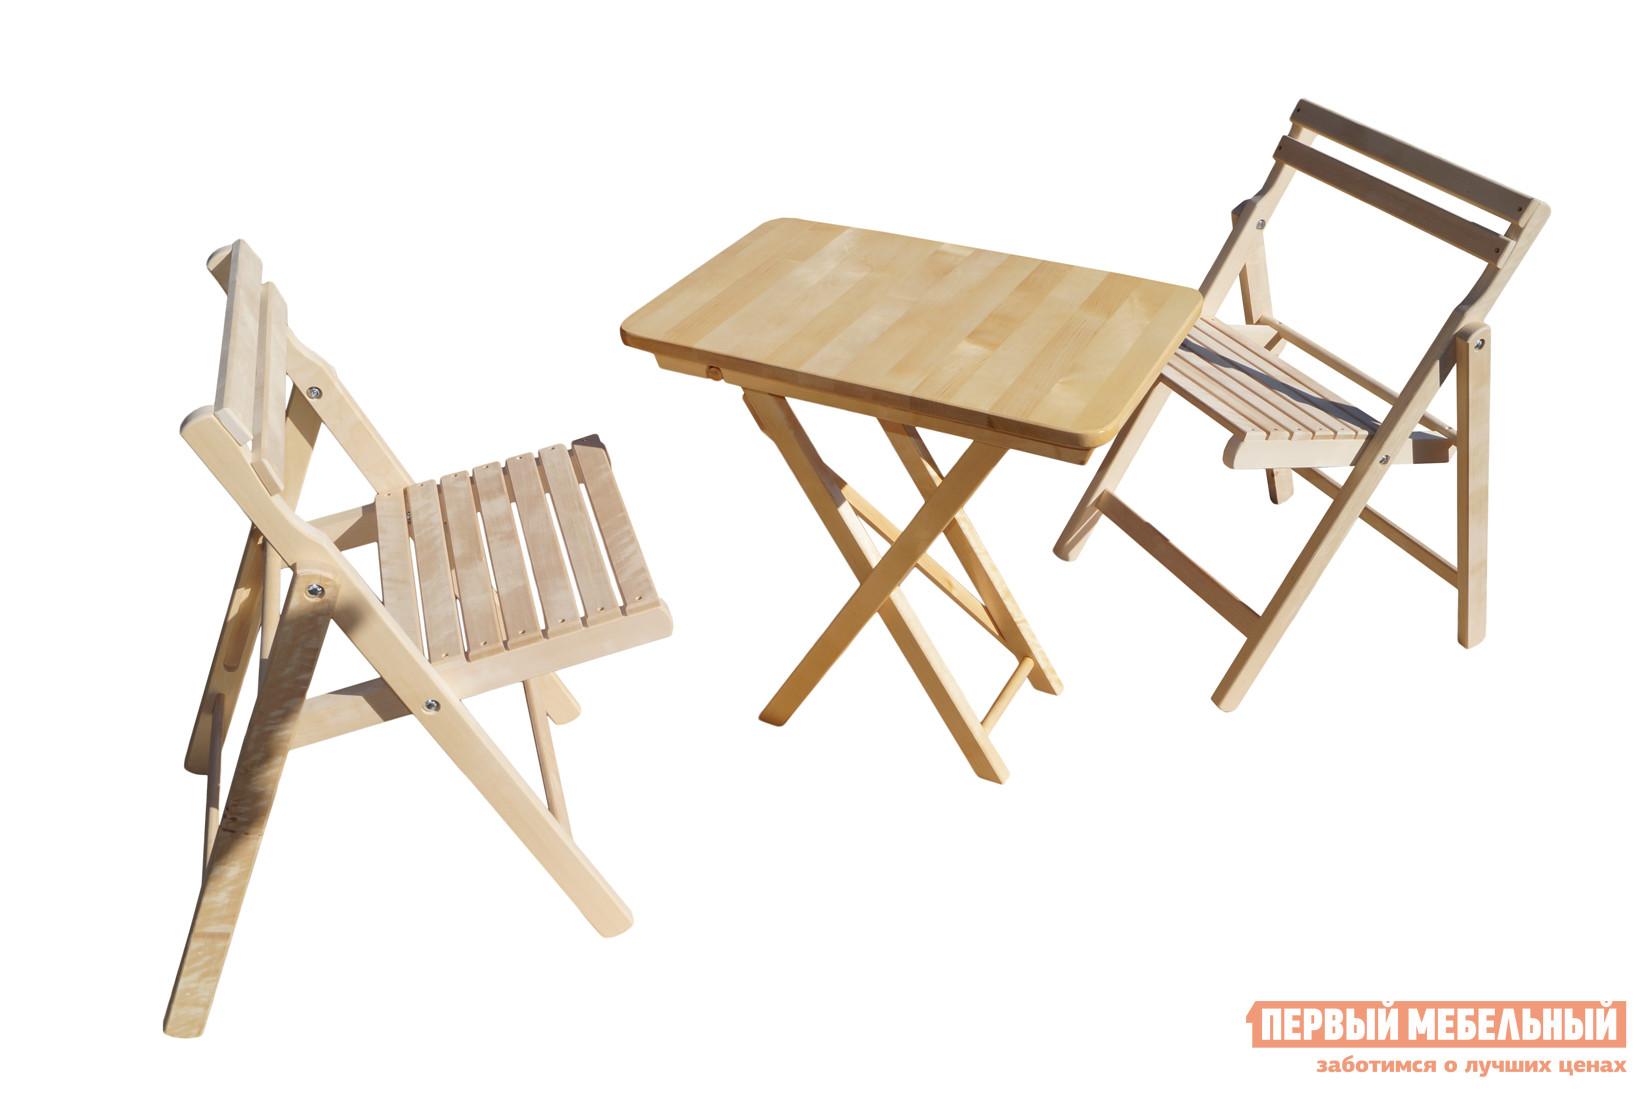 Садовая мебель СМКА СМ011Б + СМ046Б Береза от Купистол